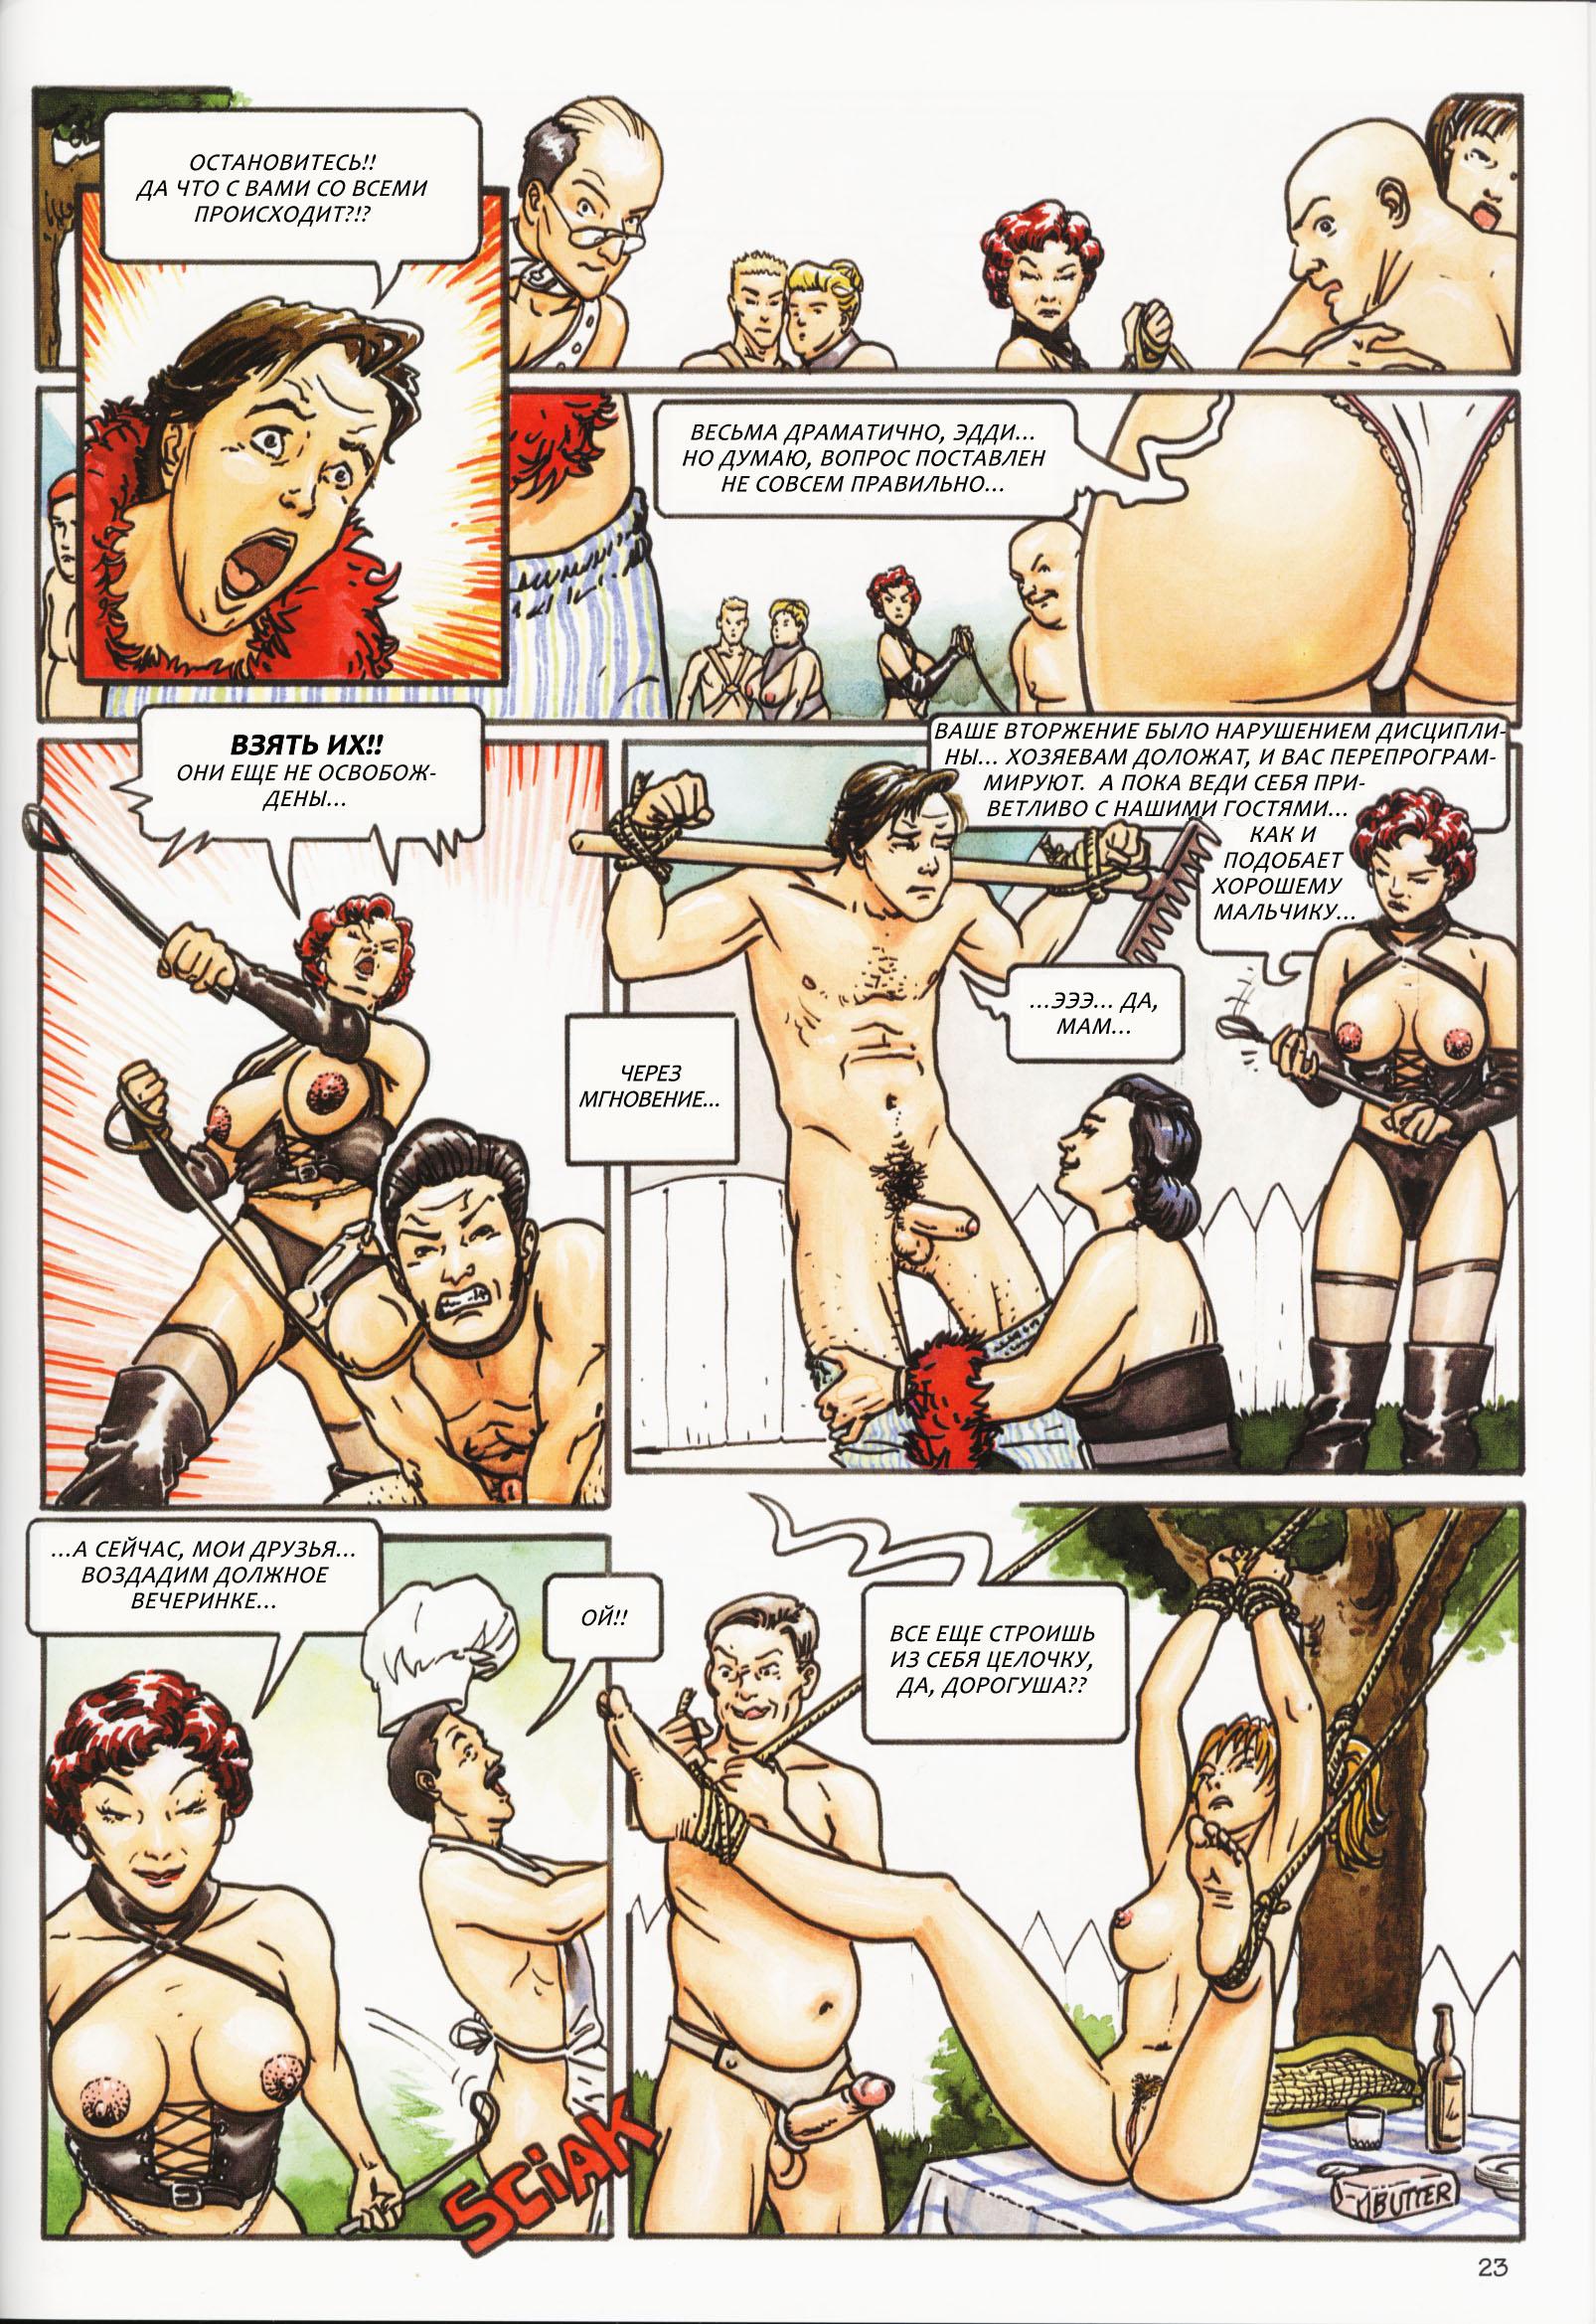 порно гей комикс торрент